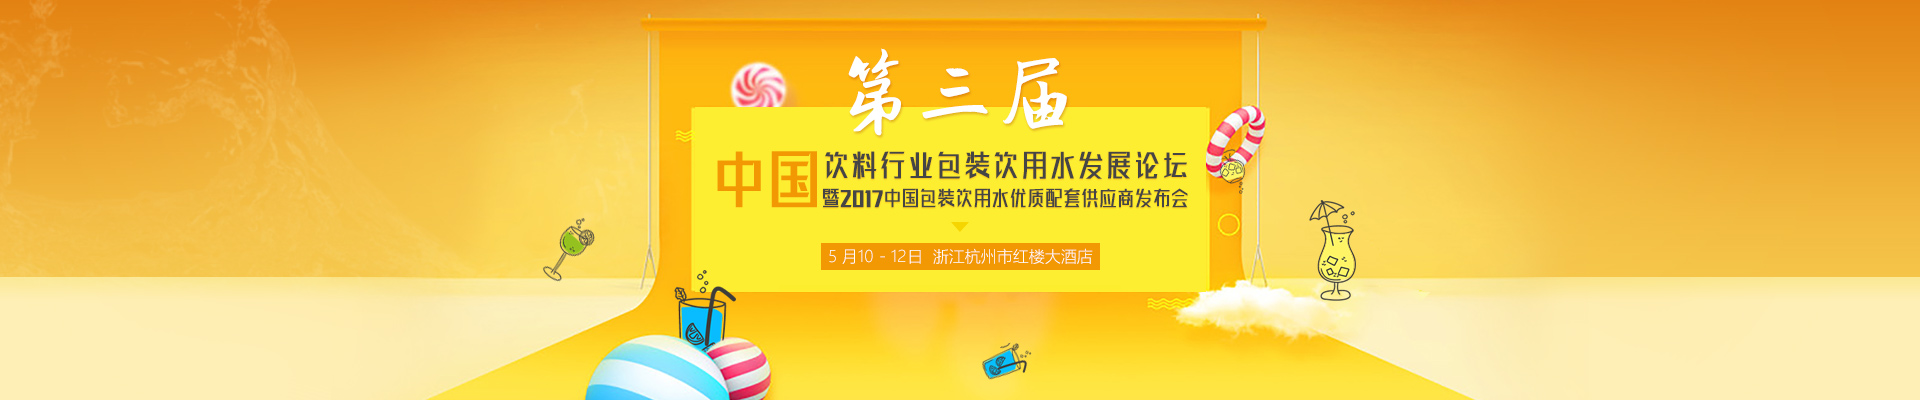 第三届中国饮料行业包装饮用水发展论坛暨2017中国包装饮用水优质配套供应商发布会